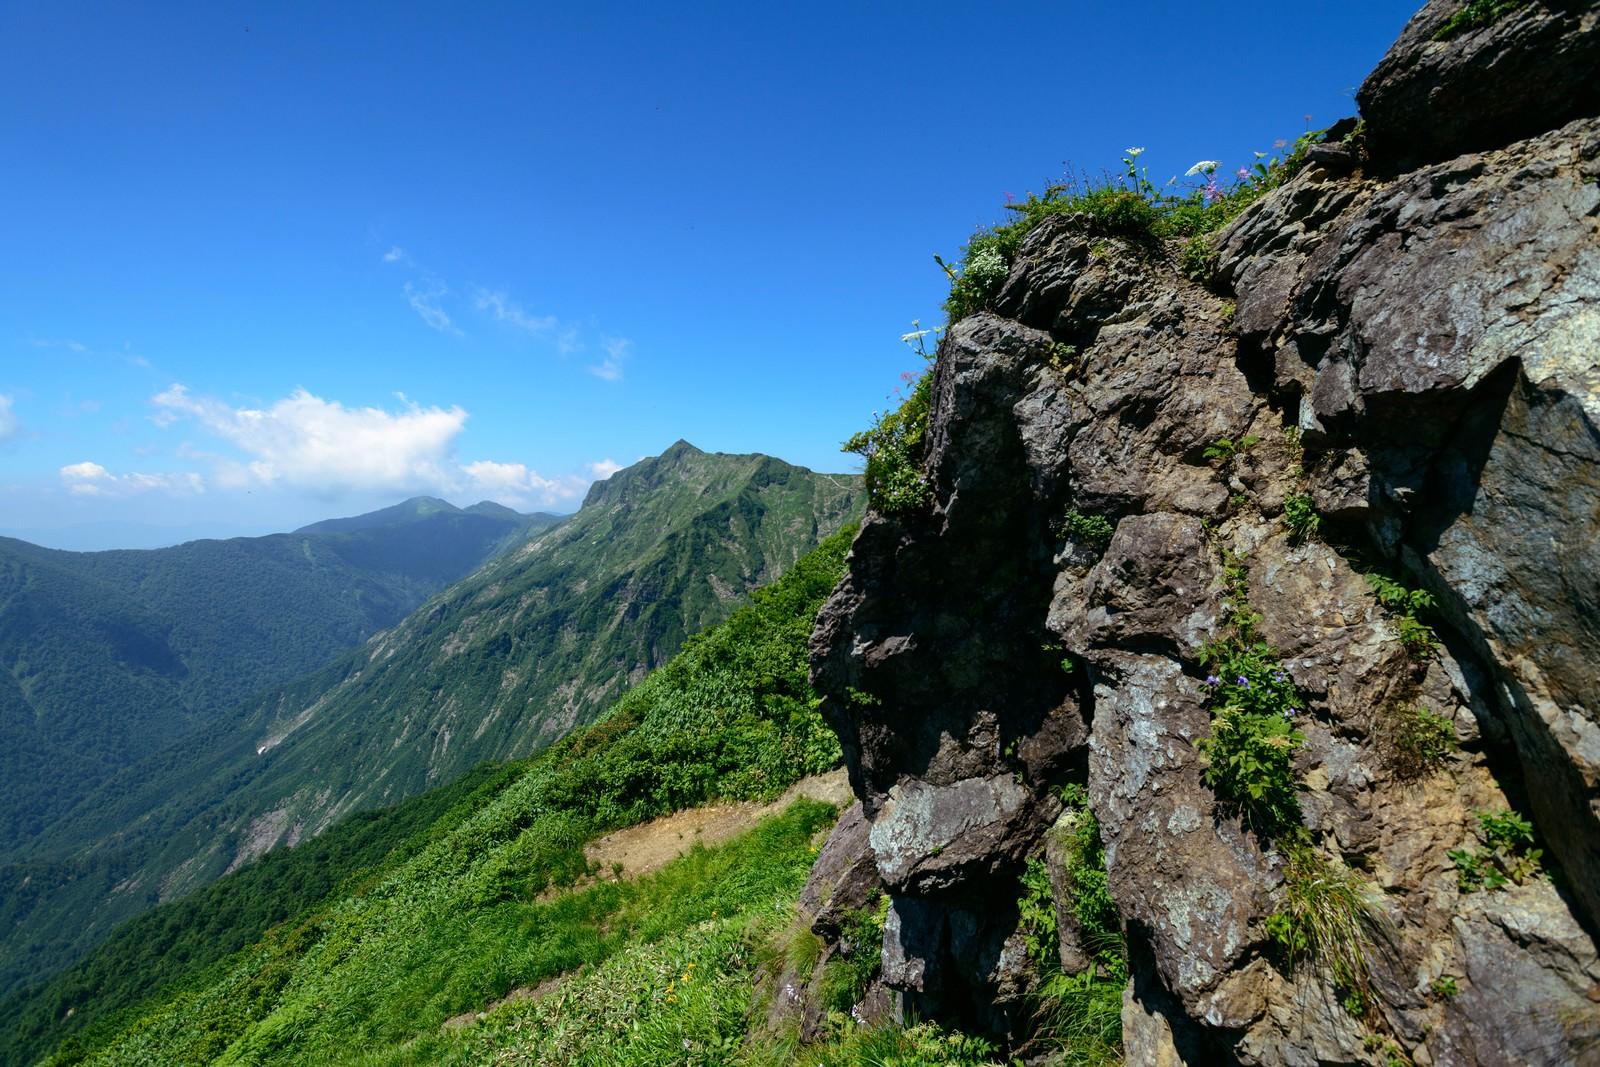 「岩肌にひっそりと咲く高山植物」の写真